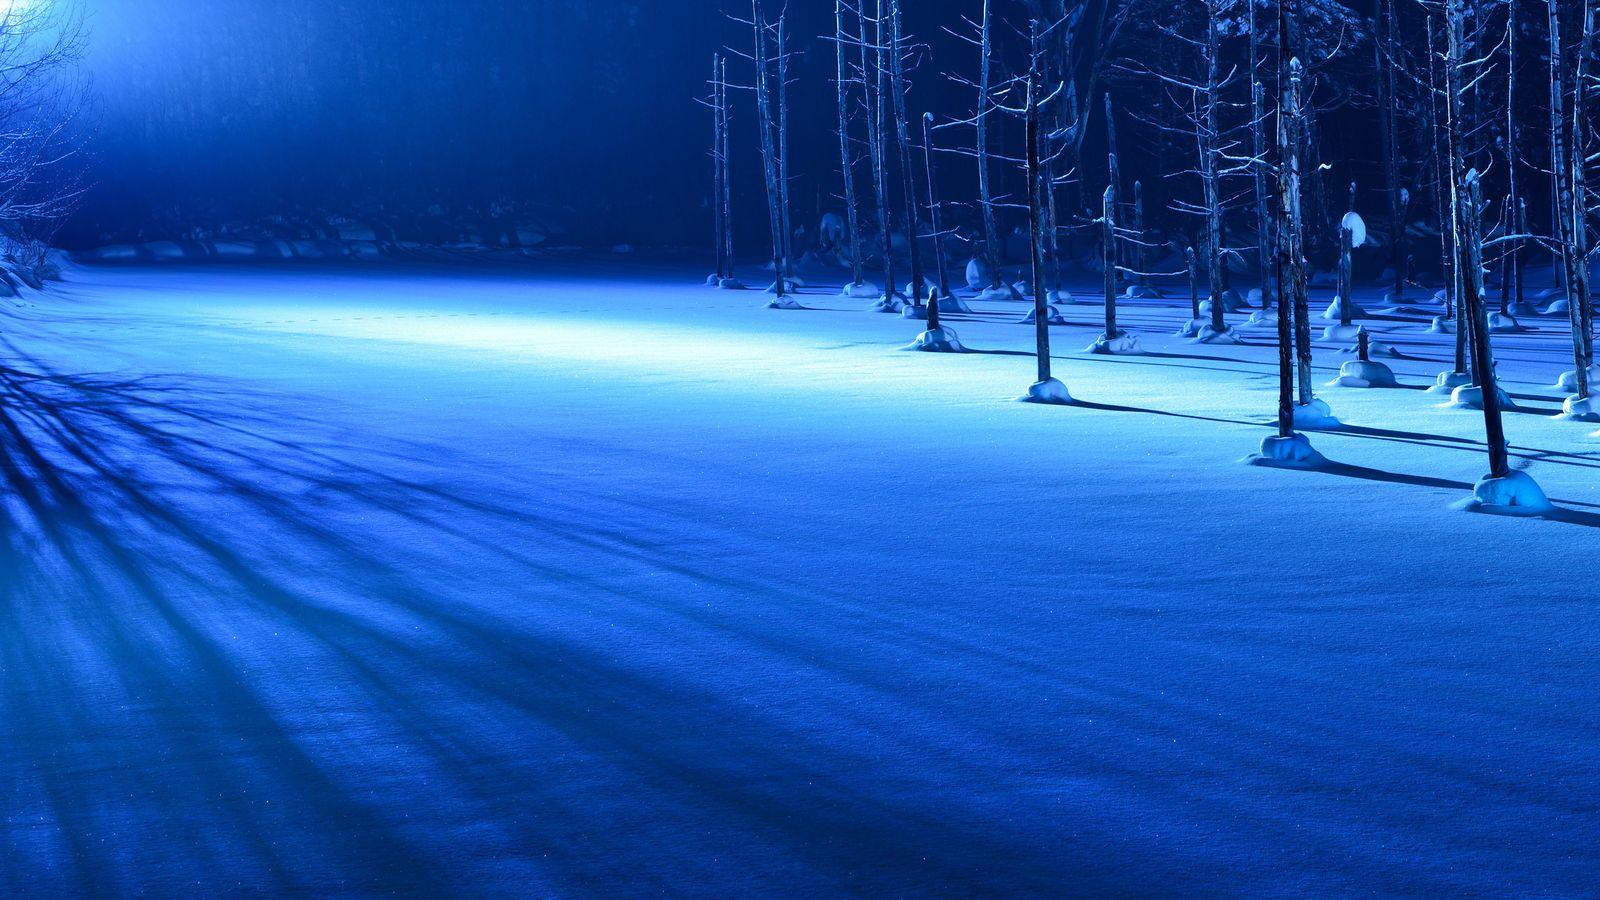 Macの壁紙にもなった 北海道 青い池 は誰もが息をのむ美しさ Retrip リトリップ